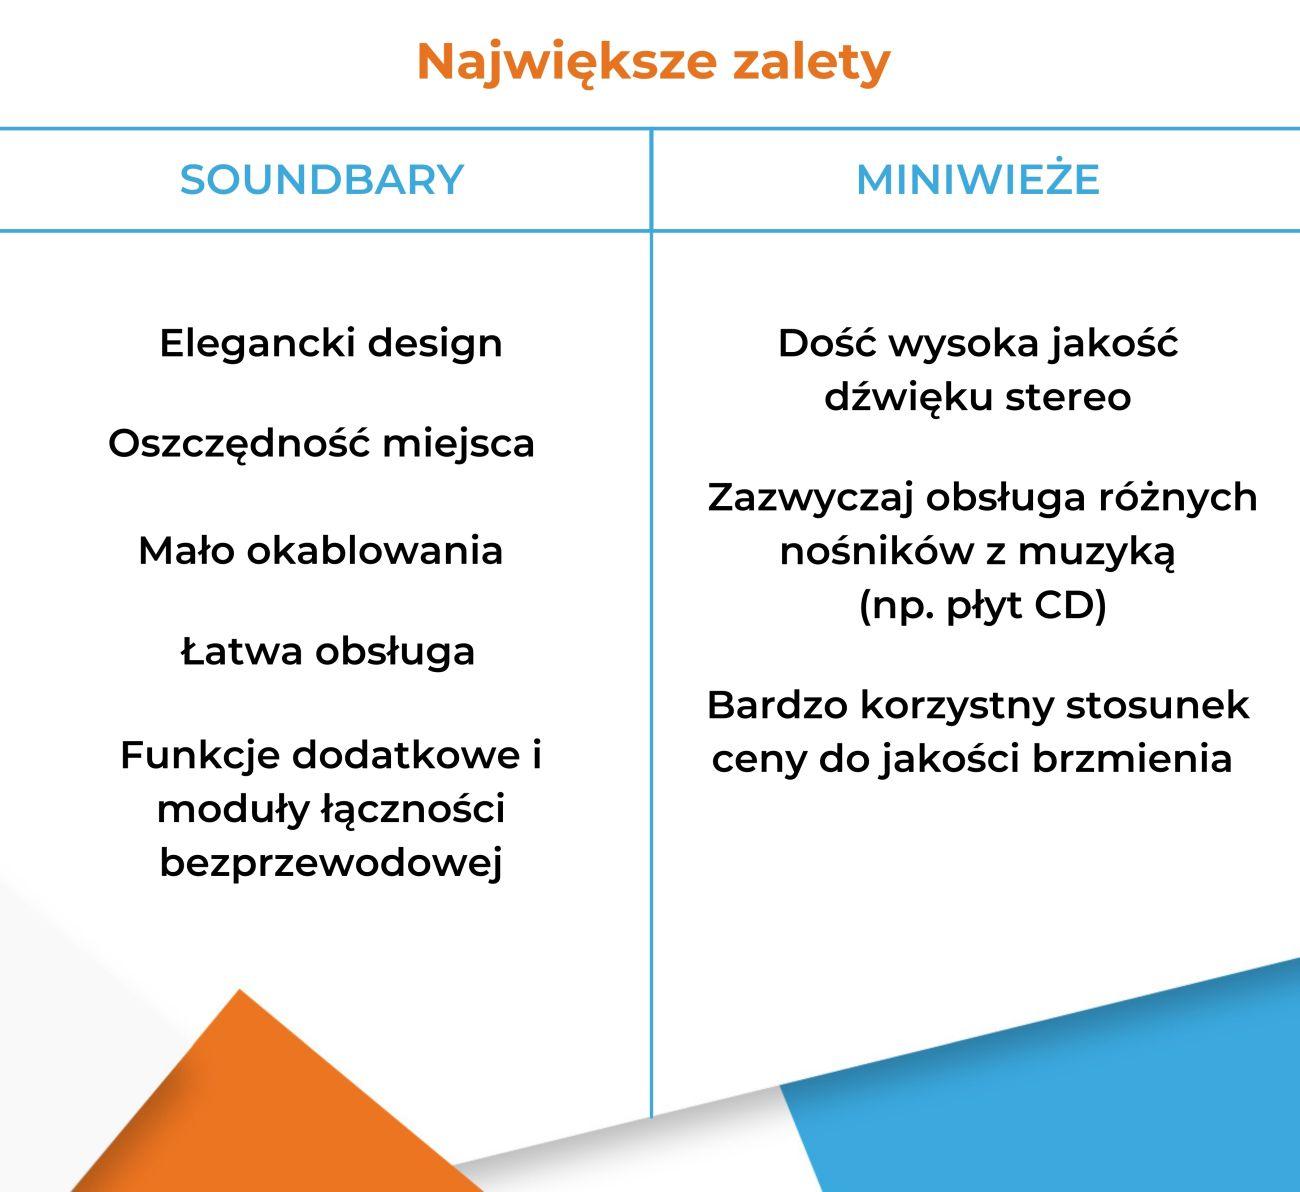 Soundbar czy miniwieża - Zalety - Infografika